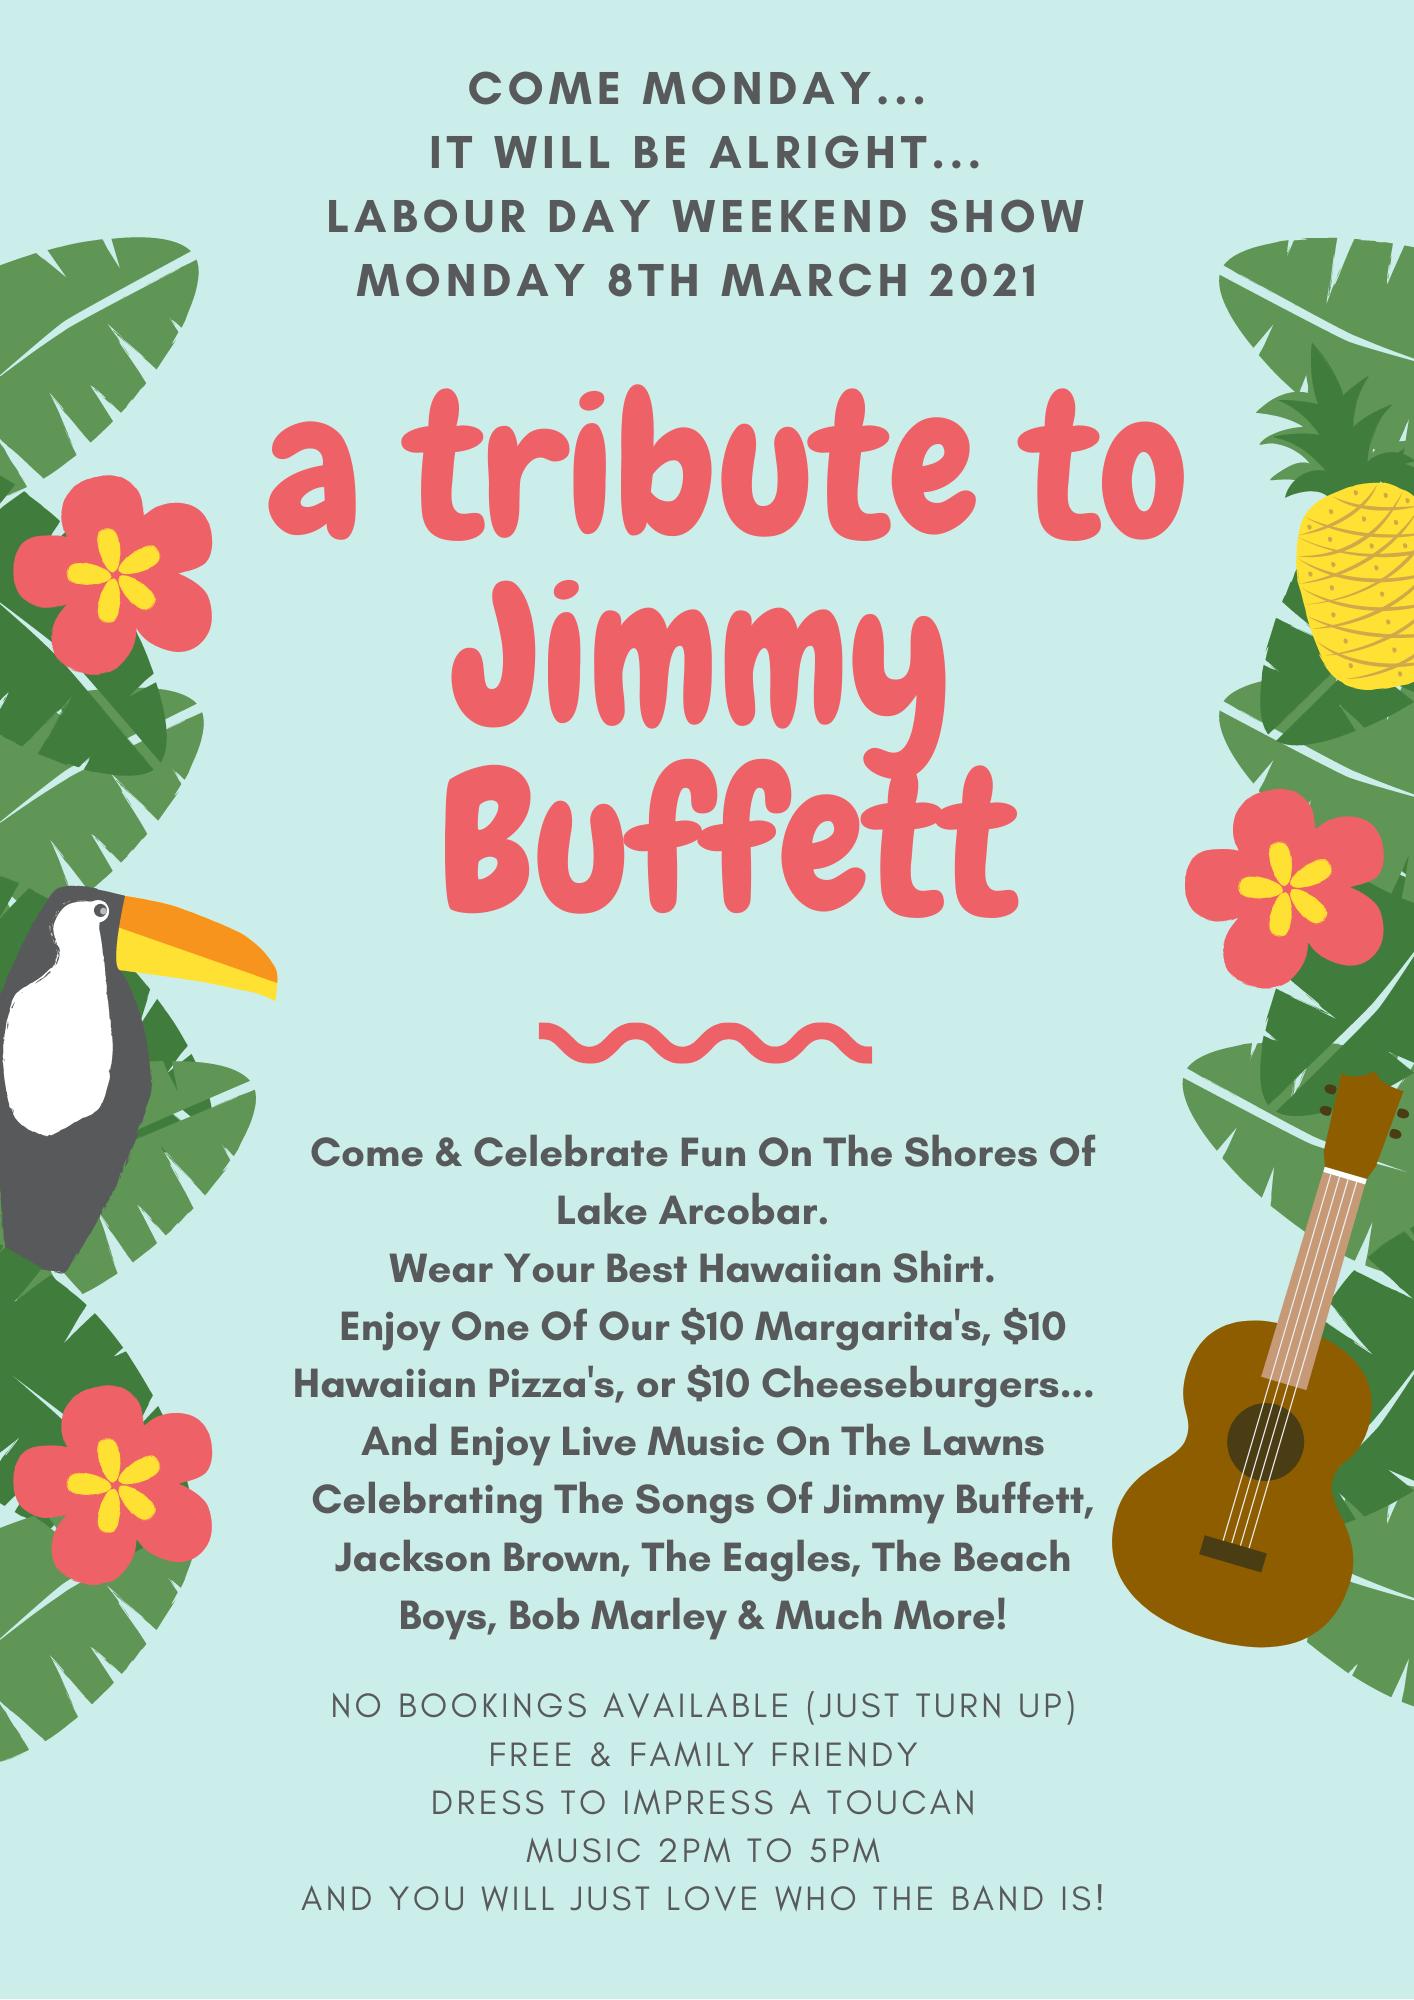 A-Tribute-To-Jimmy-Buffett.png#asset:1701